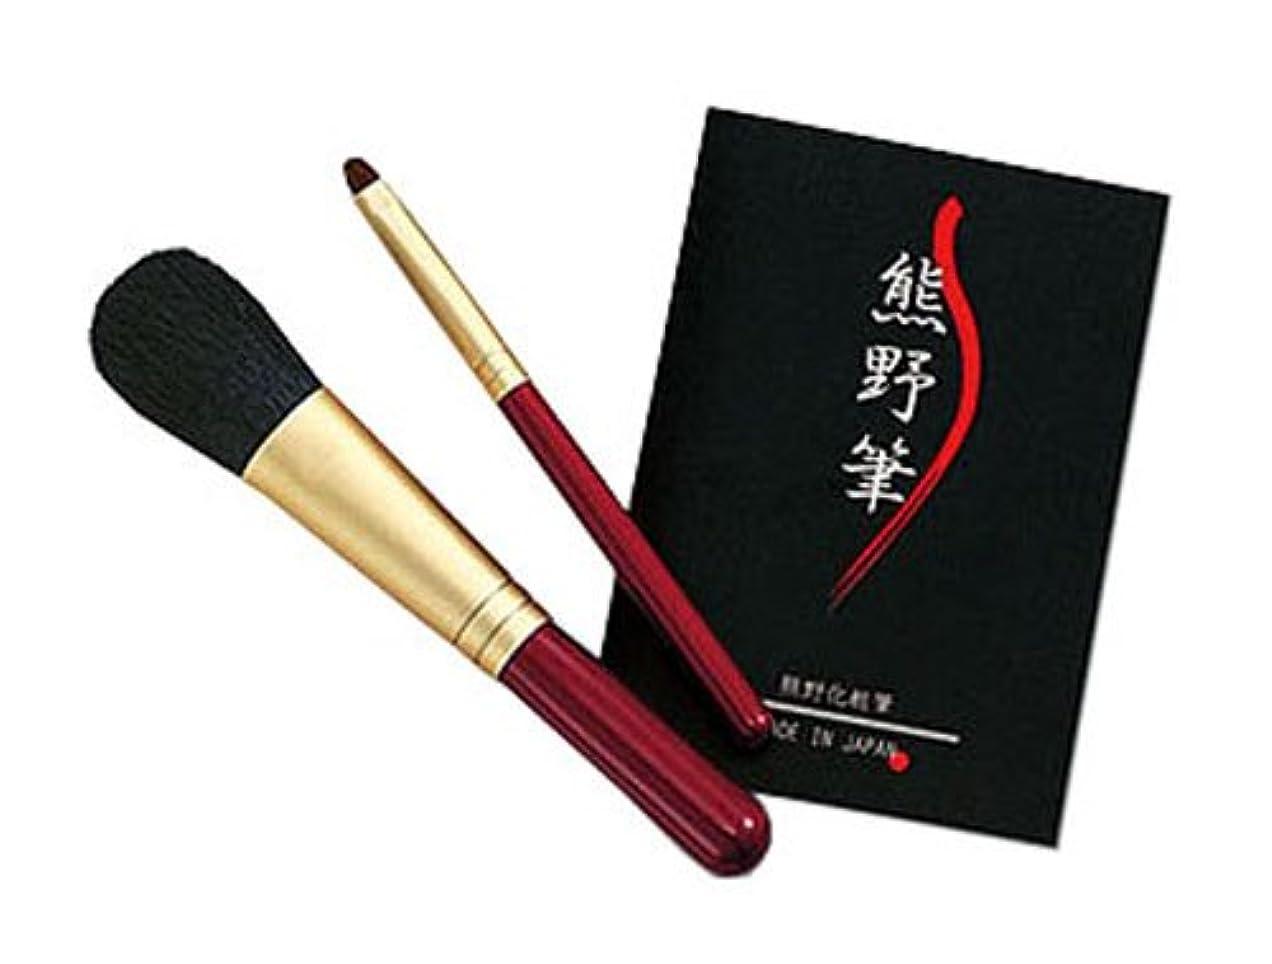 きらめく静かな場合熊野筆 化粧筆セット 筆の心 KFi-50R